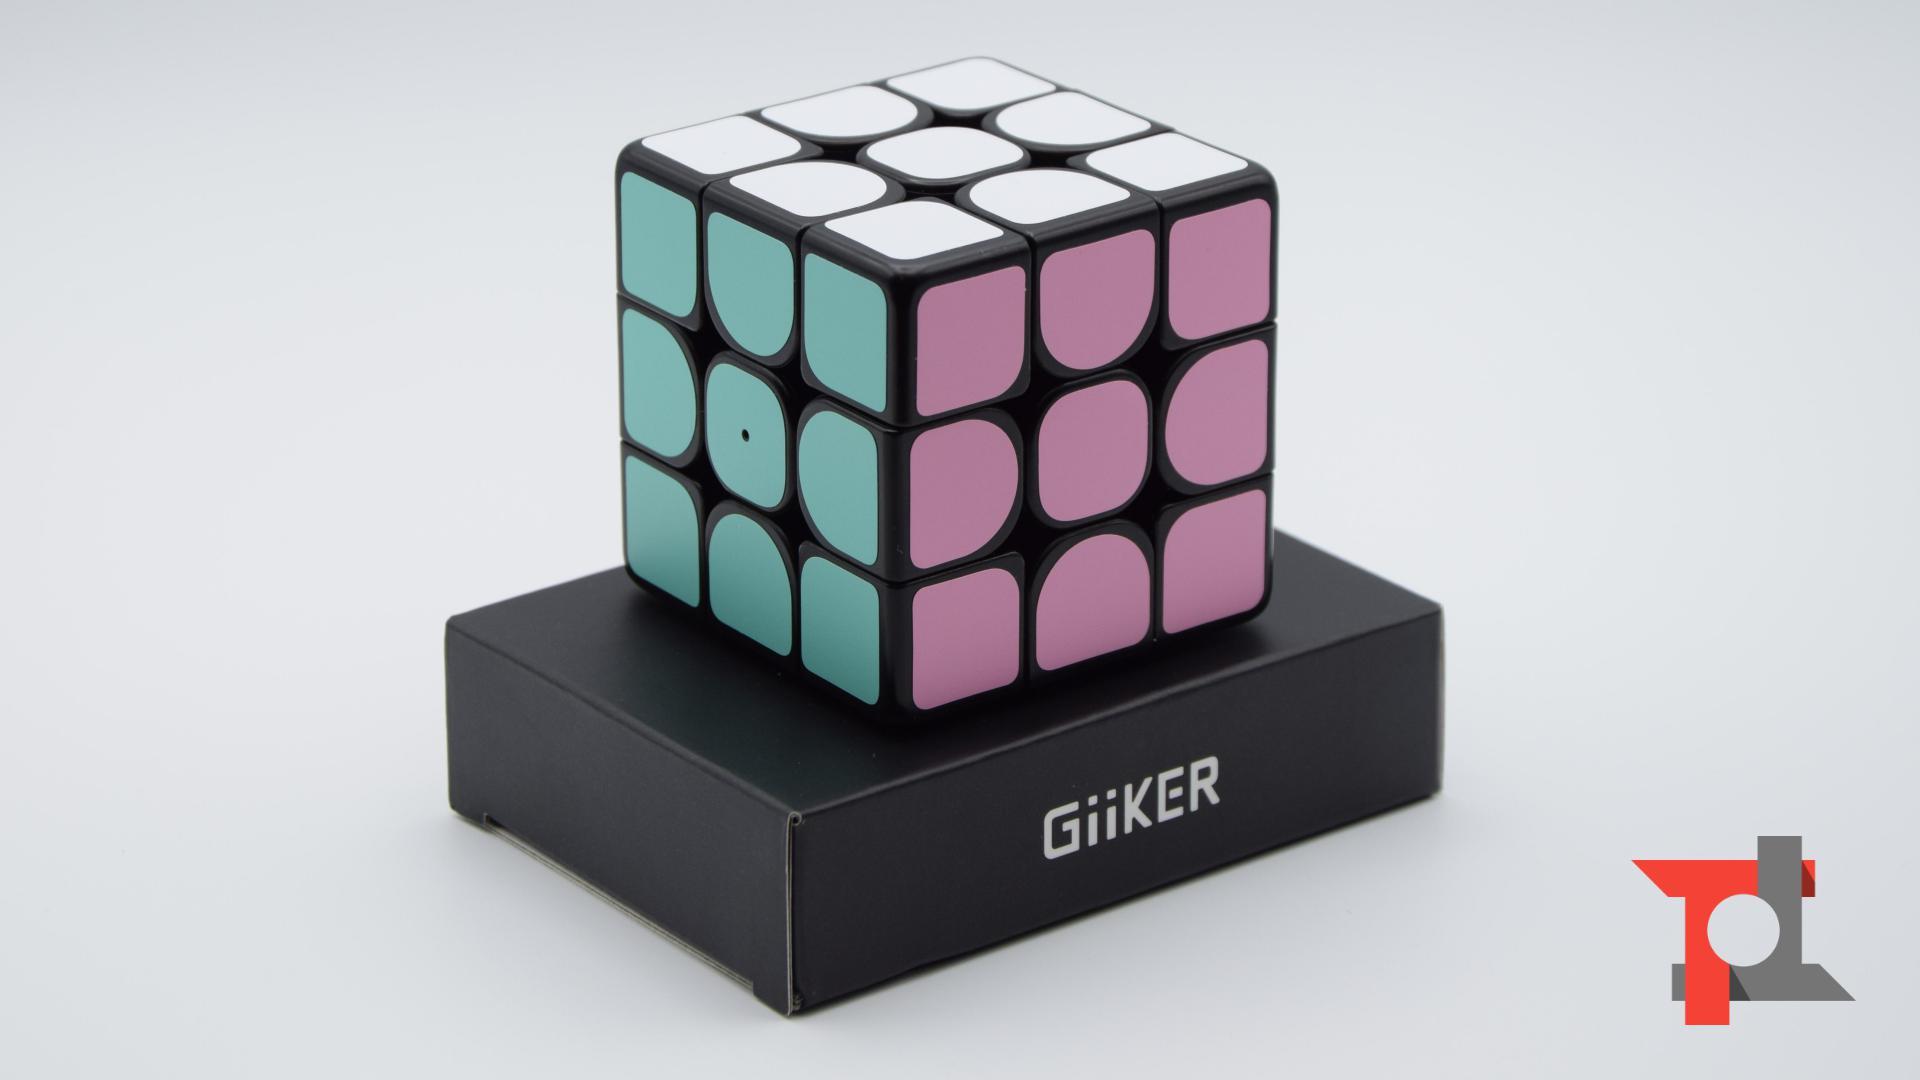 Recensione GiiKER Supercube i3, quando il cubo di Rubik entra nel terzo millennio 6